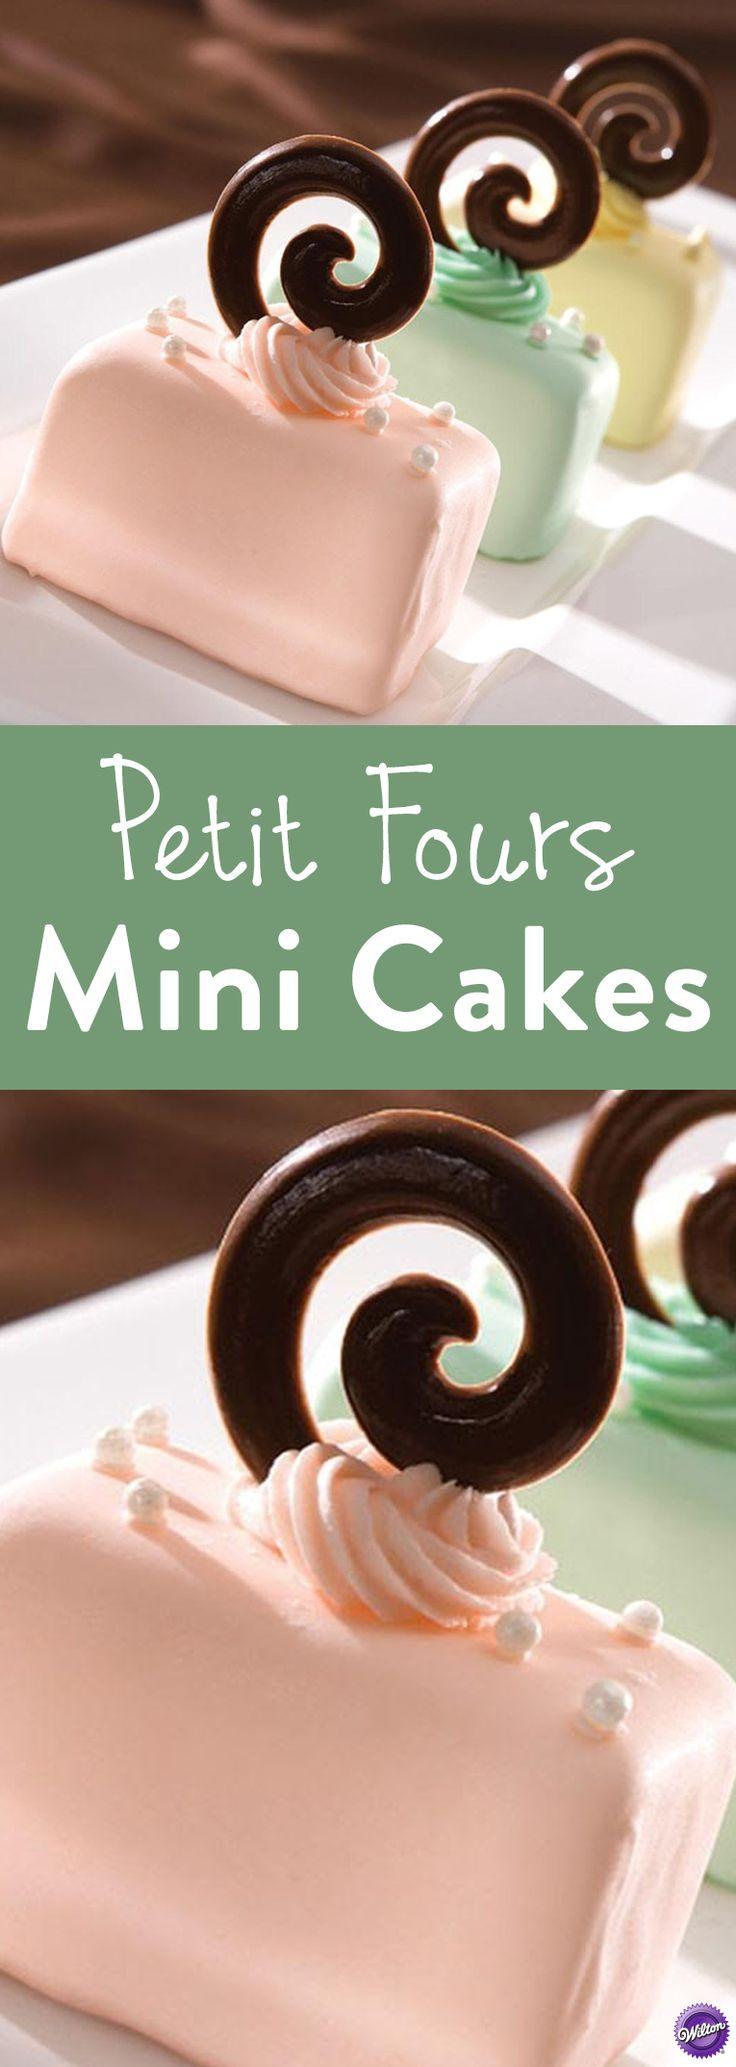 Petit Fours Mini Cakes Recipe Mini cakes, Desserts